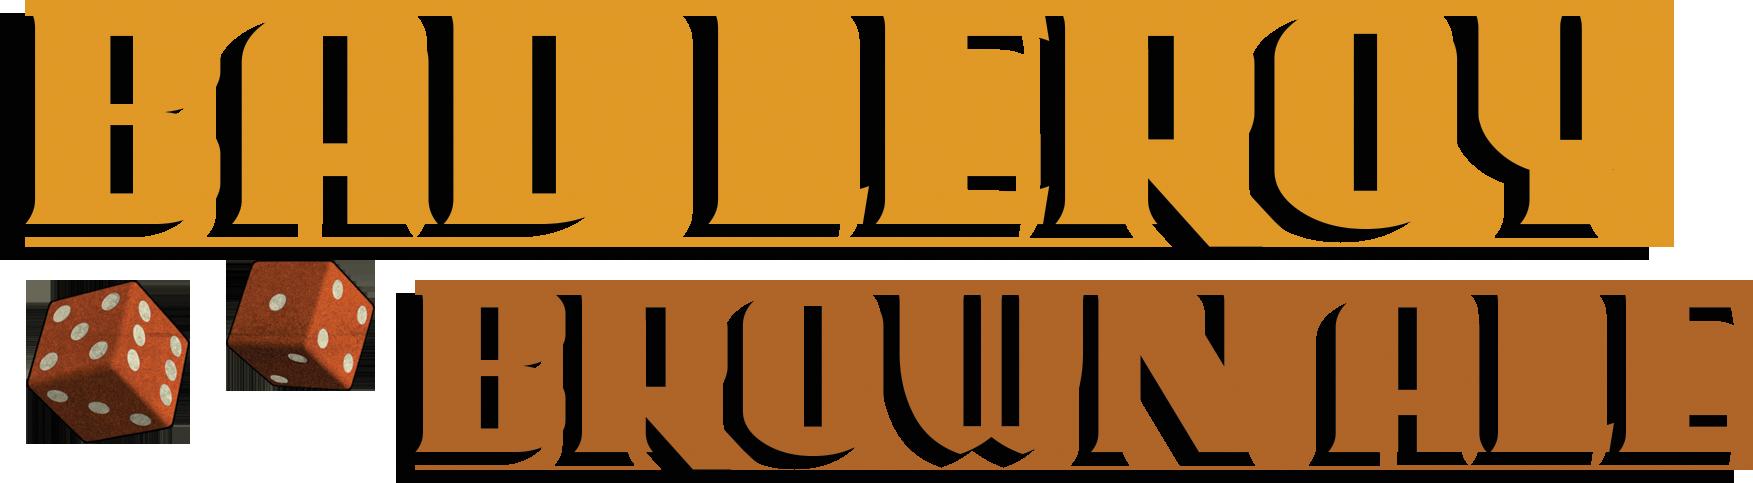 Bad Leroy Brown Ale.png